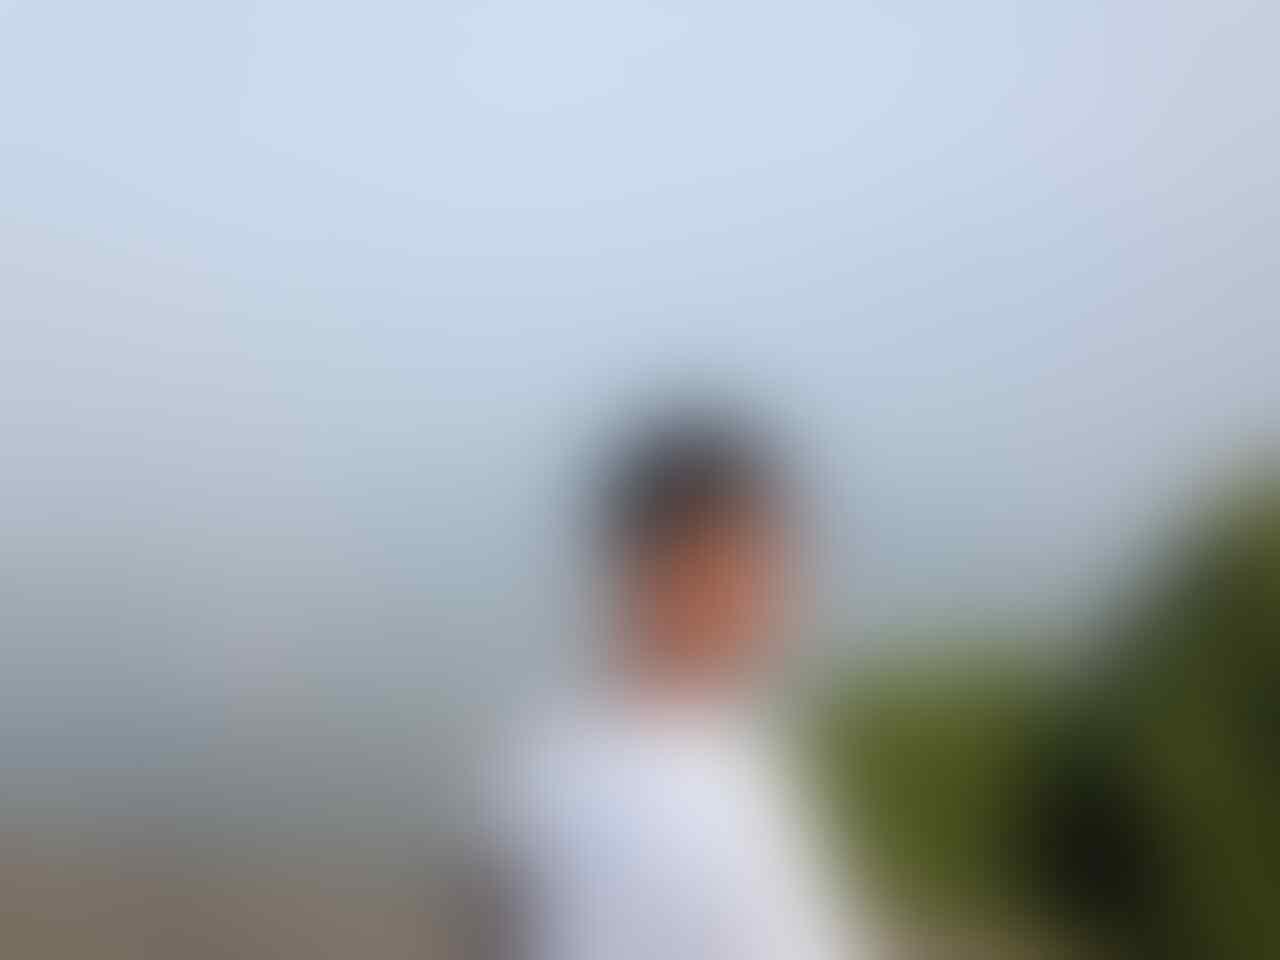 [FR] 12-13 Agustus 2017, Kaskusepur Kemping Ceria di Gunung Lembu